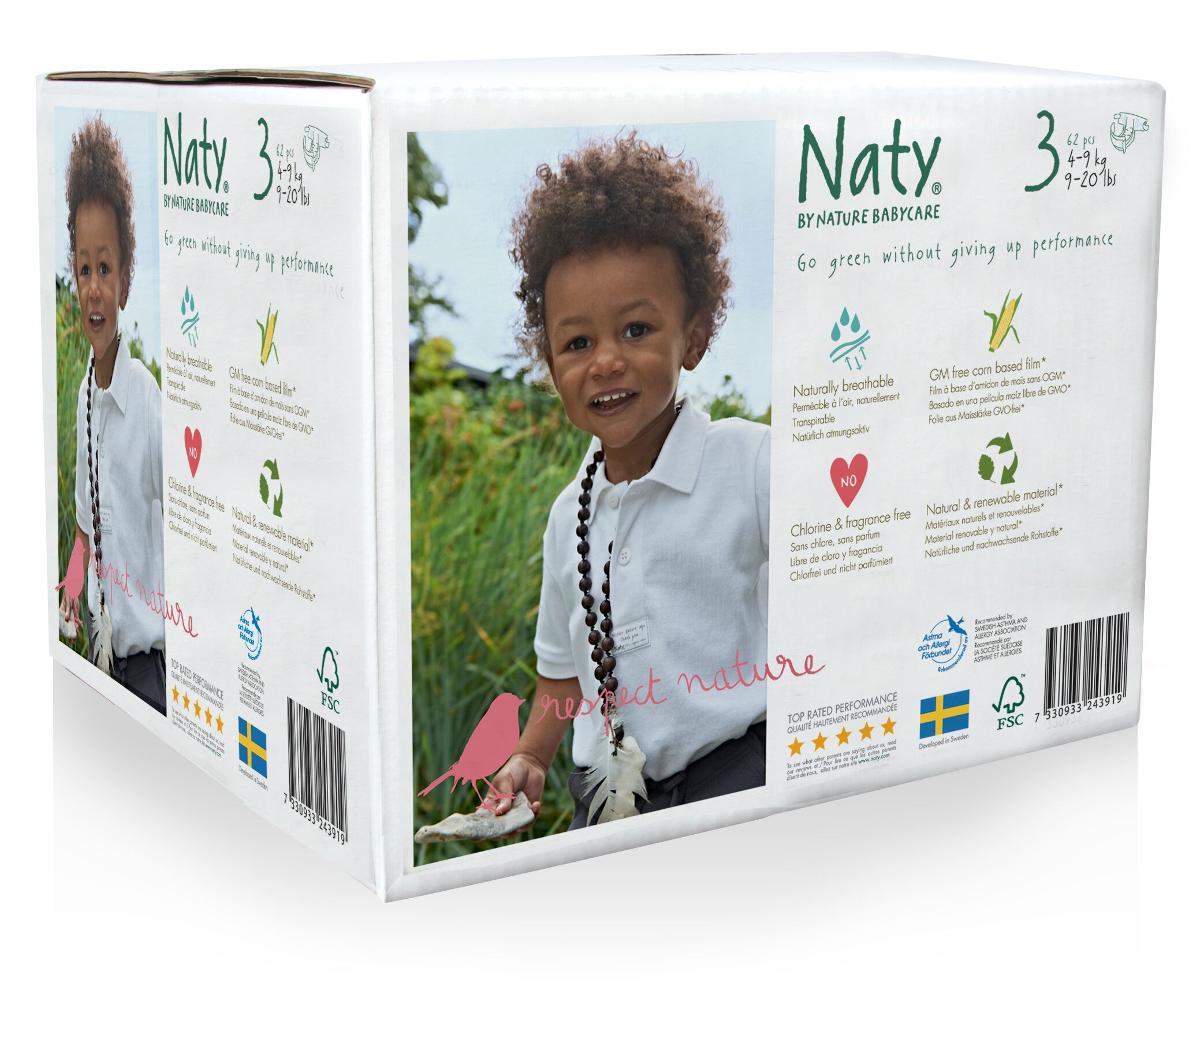 Naty Подгузники 4-9 кг (размер 3) эконом-бокс 62 шт тод данкан продажи на основе высокого доверия